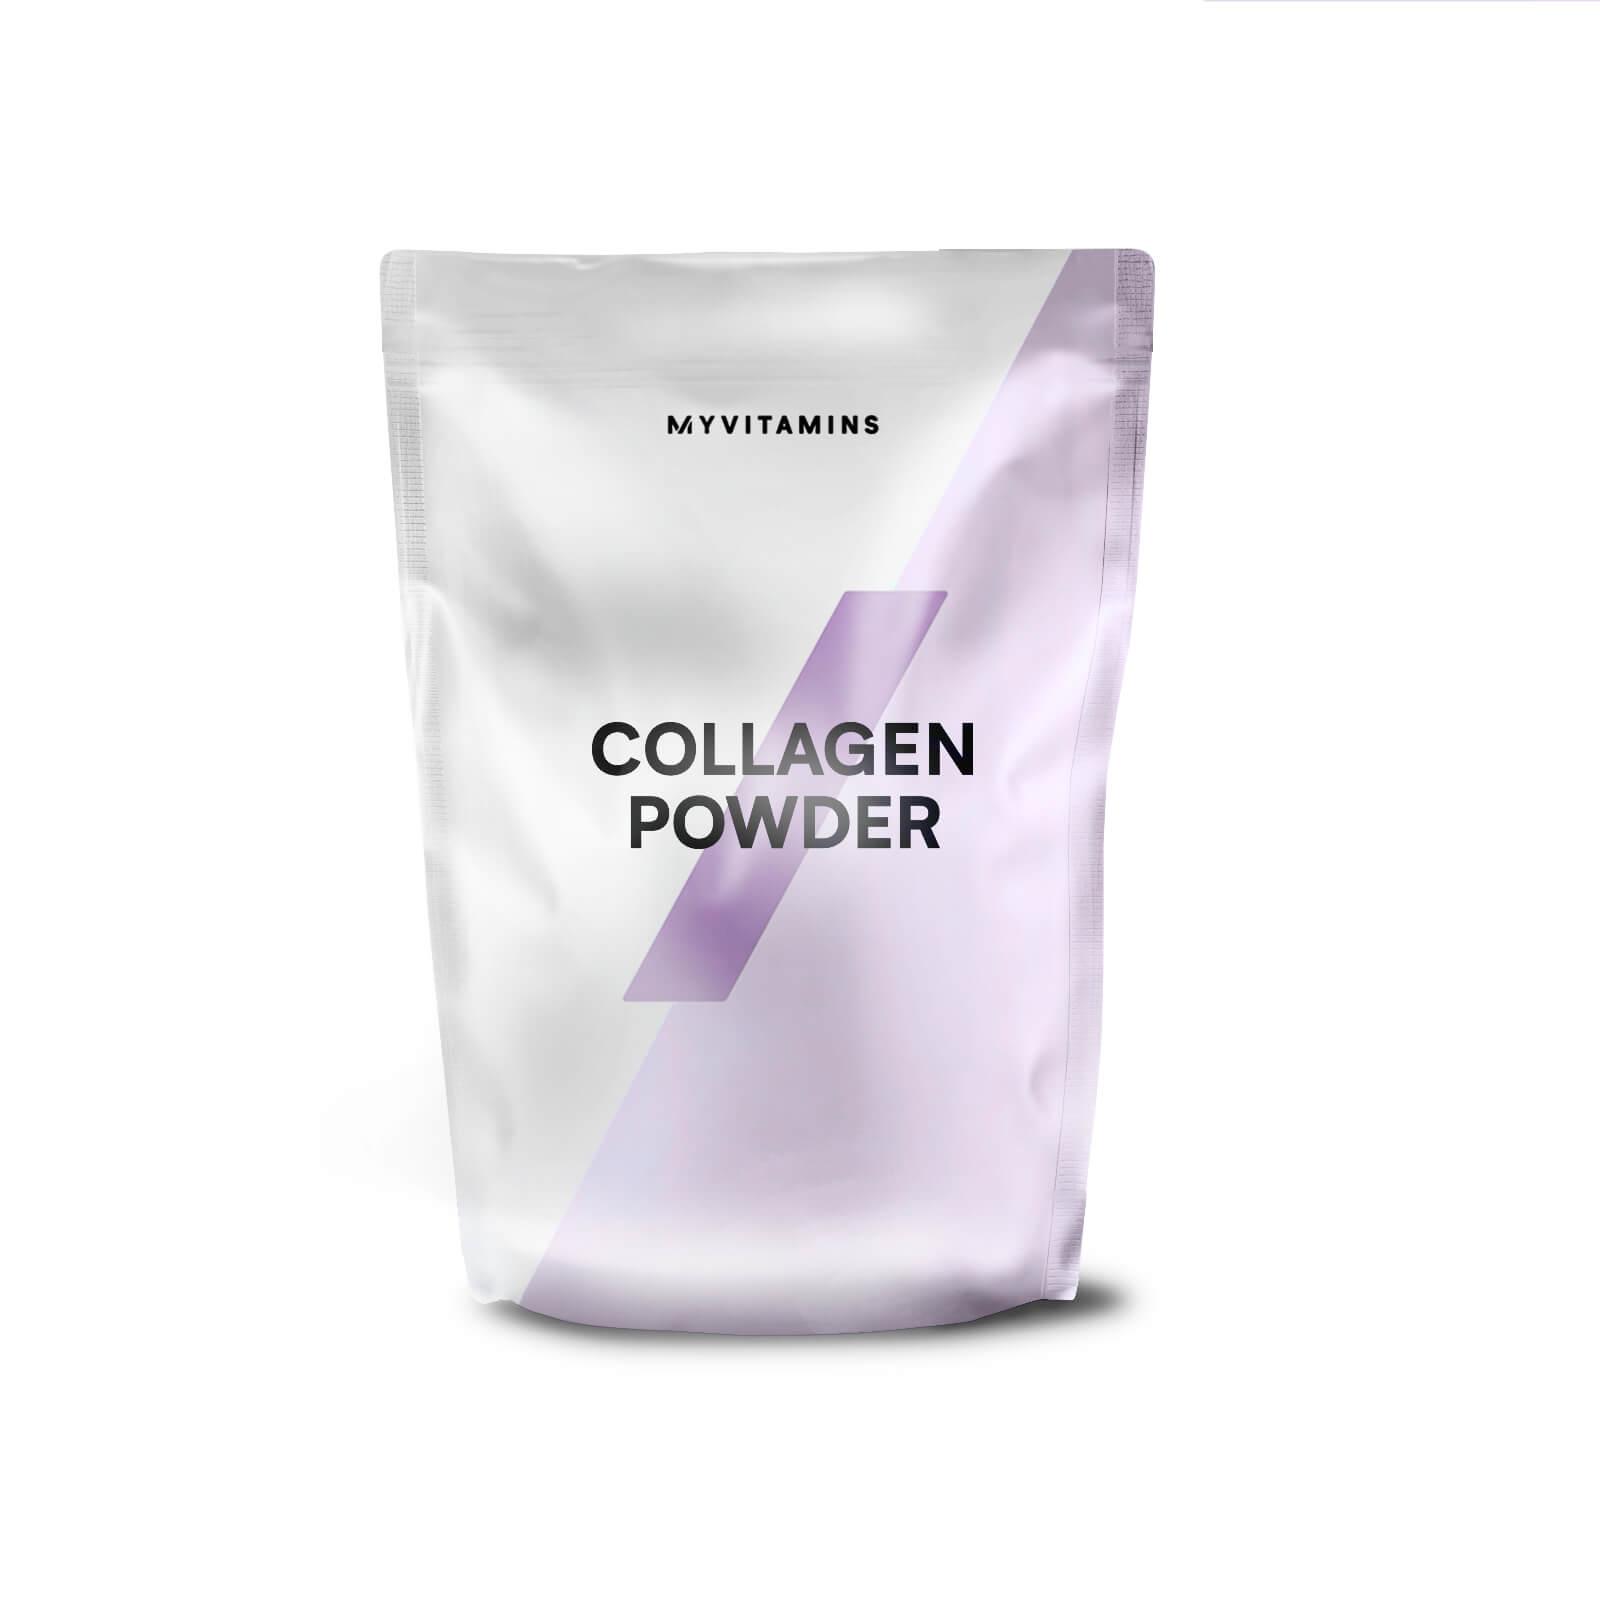 Myvitamins Collagen Powder - 250g - Lemon & Lime